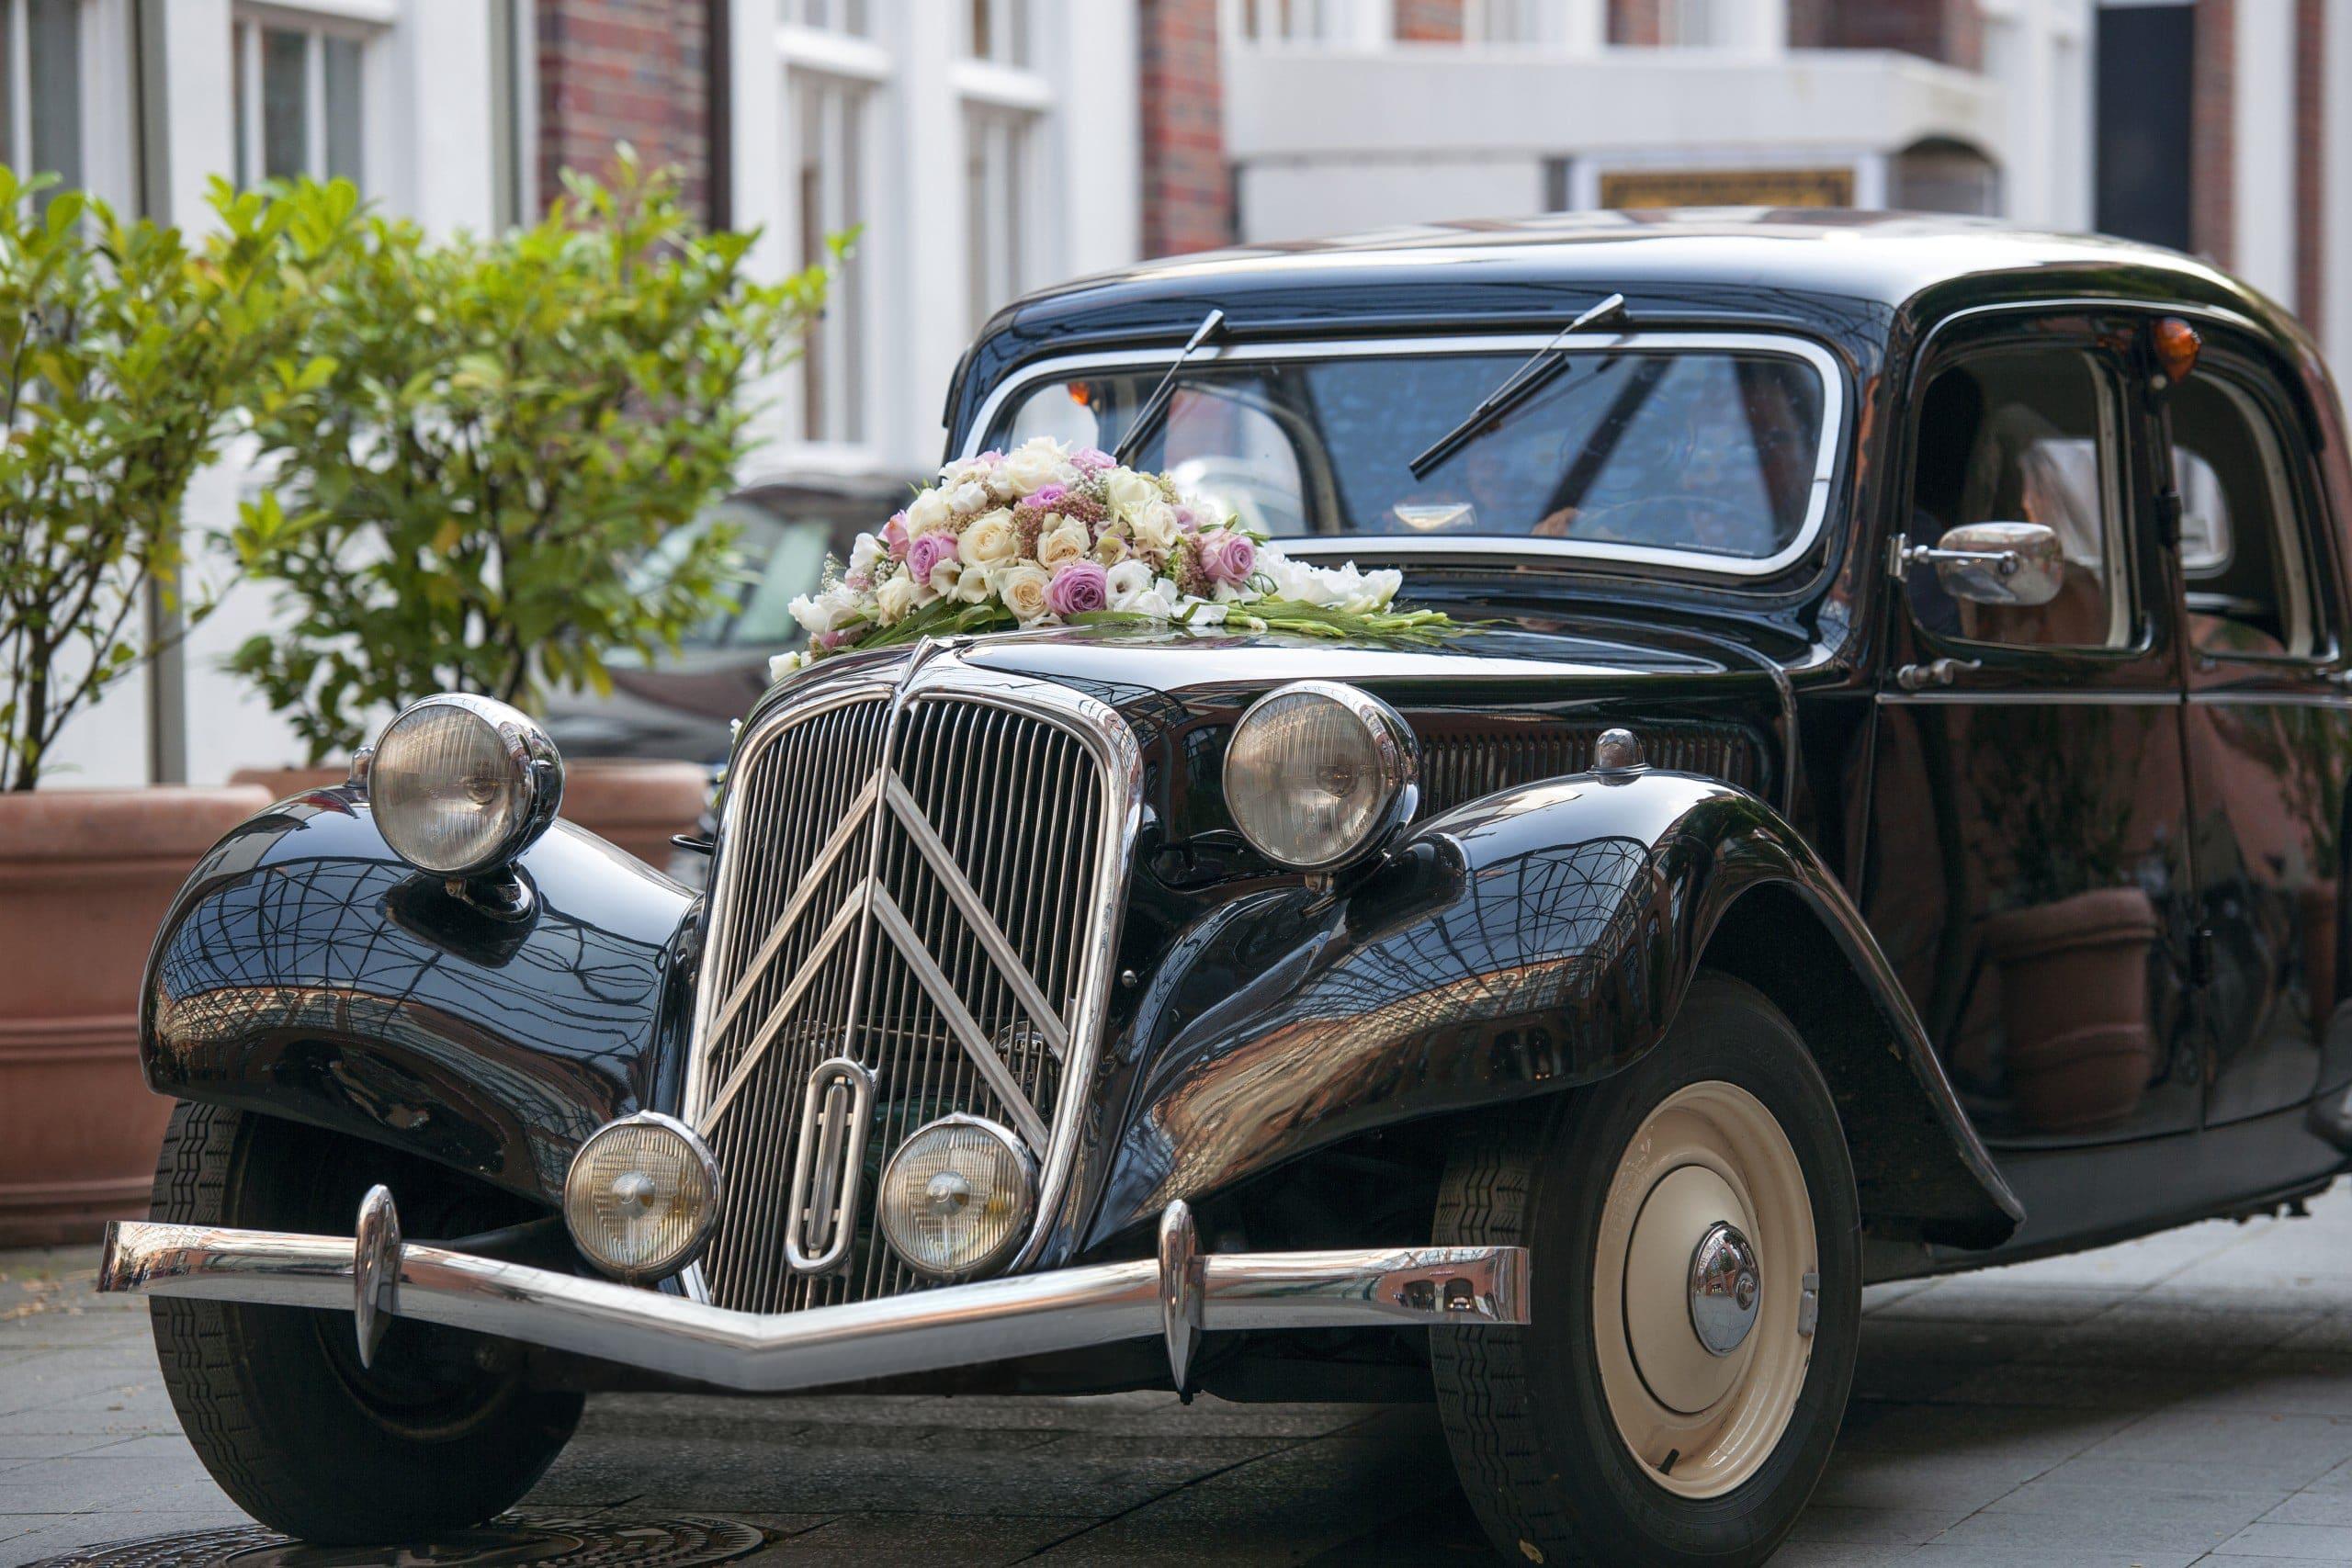 Hochzeitsauto mieten Hannover Hochzeitsauto Hannover Hochzeitsauto Vermietung Hannover Hochzeitsauto Oldtimer Hannover Hochzeitsauto Oldtimer mieten Hannover